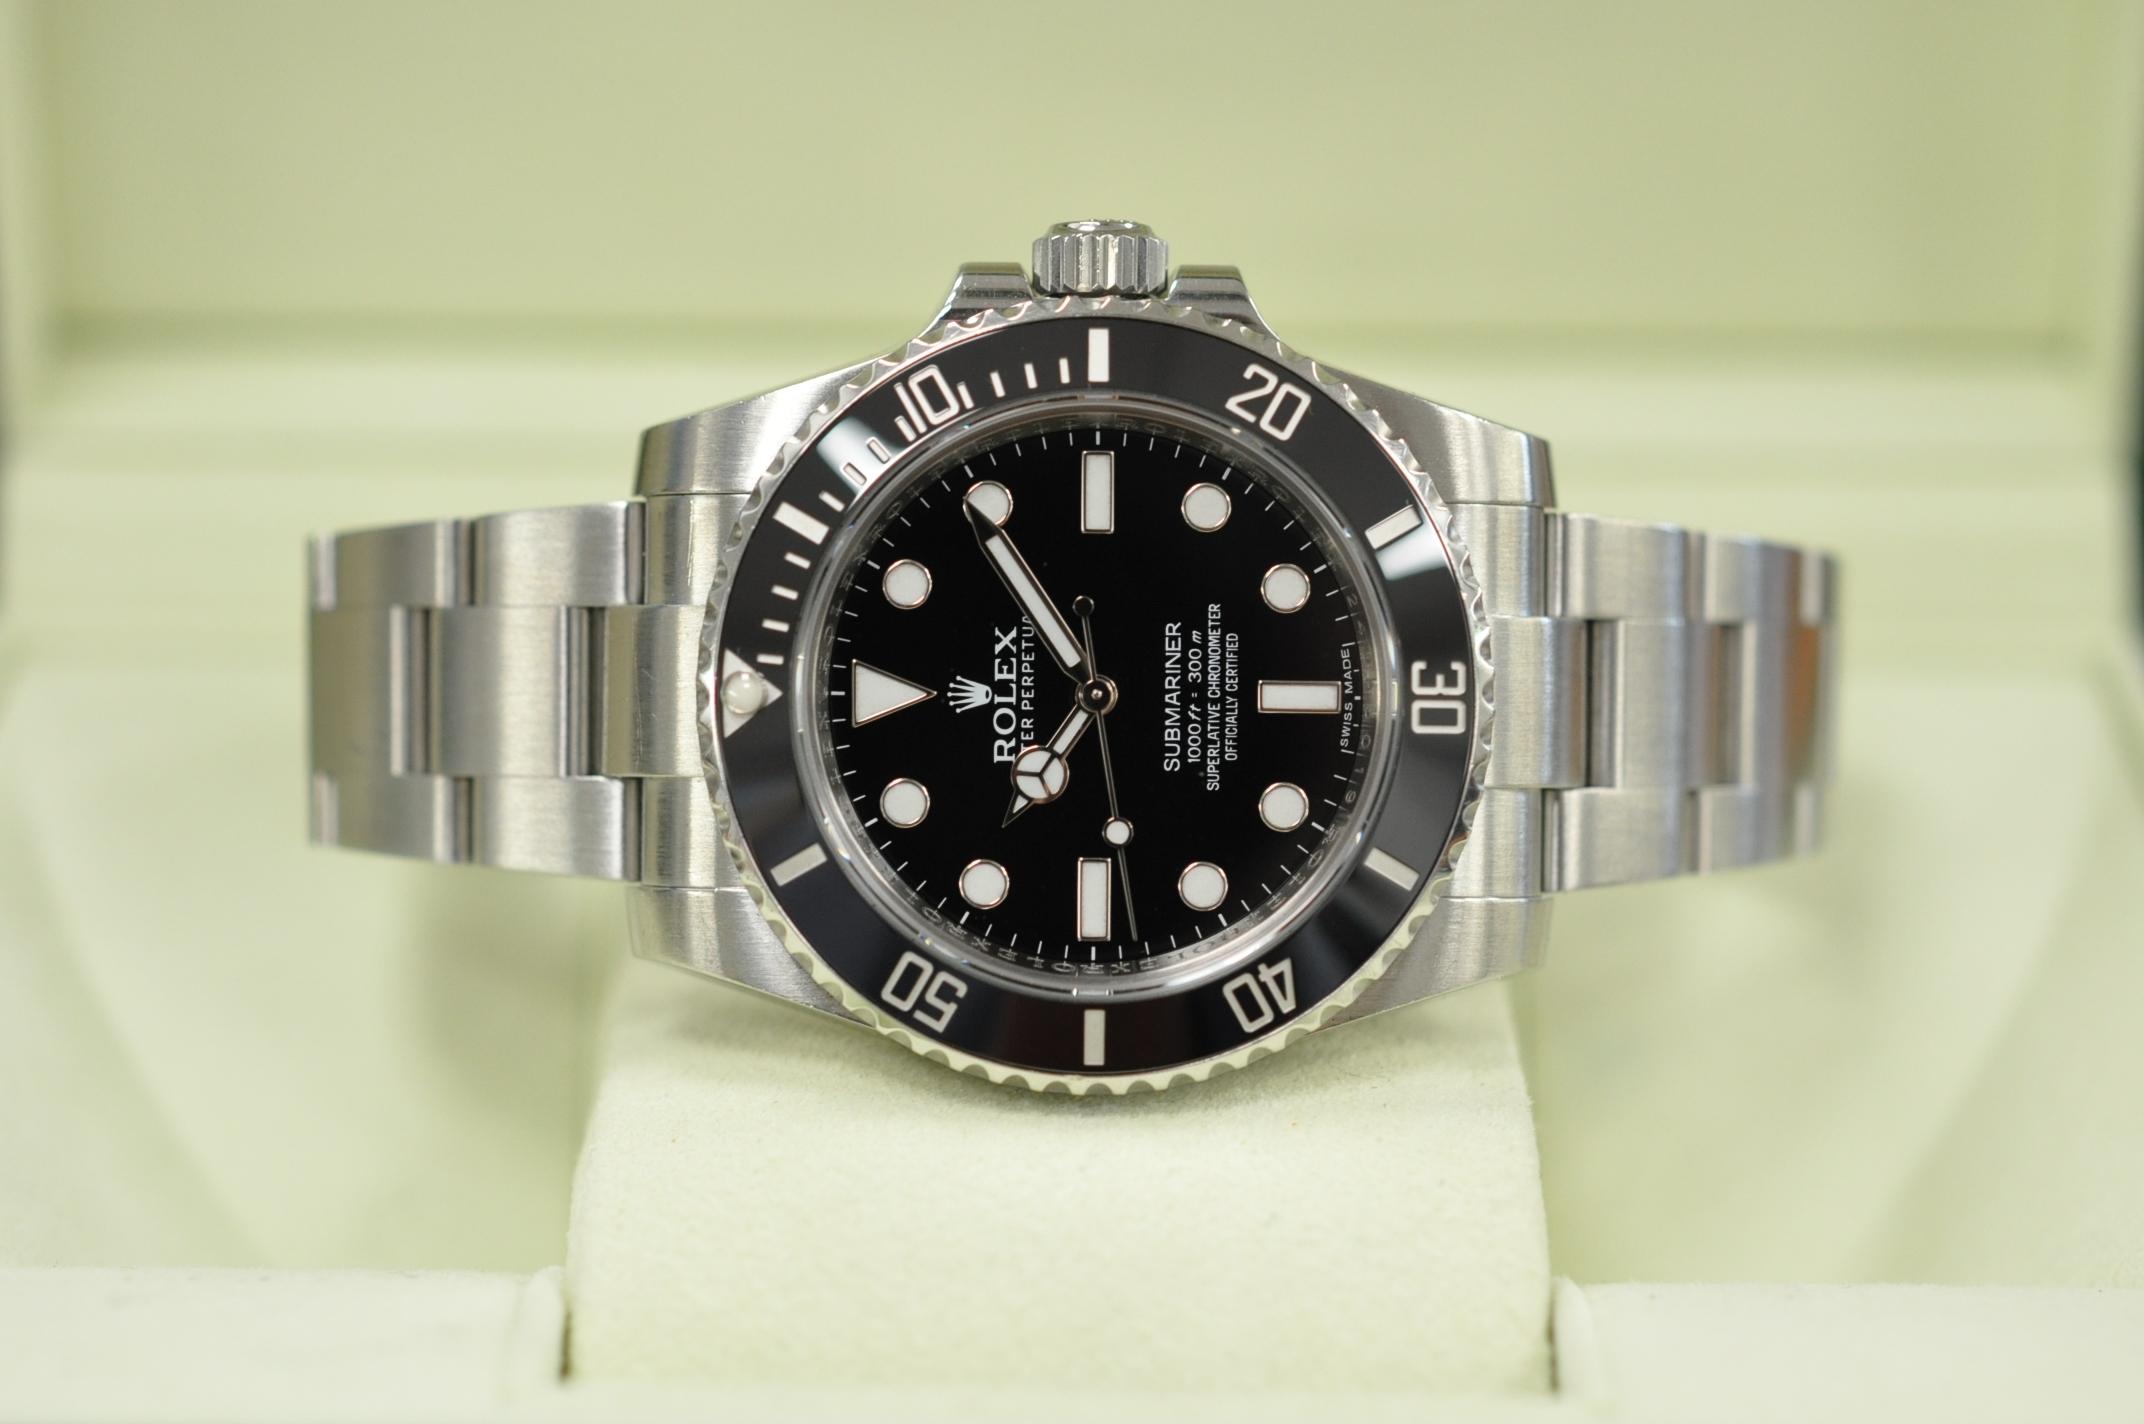 2012 Submariner 114060